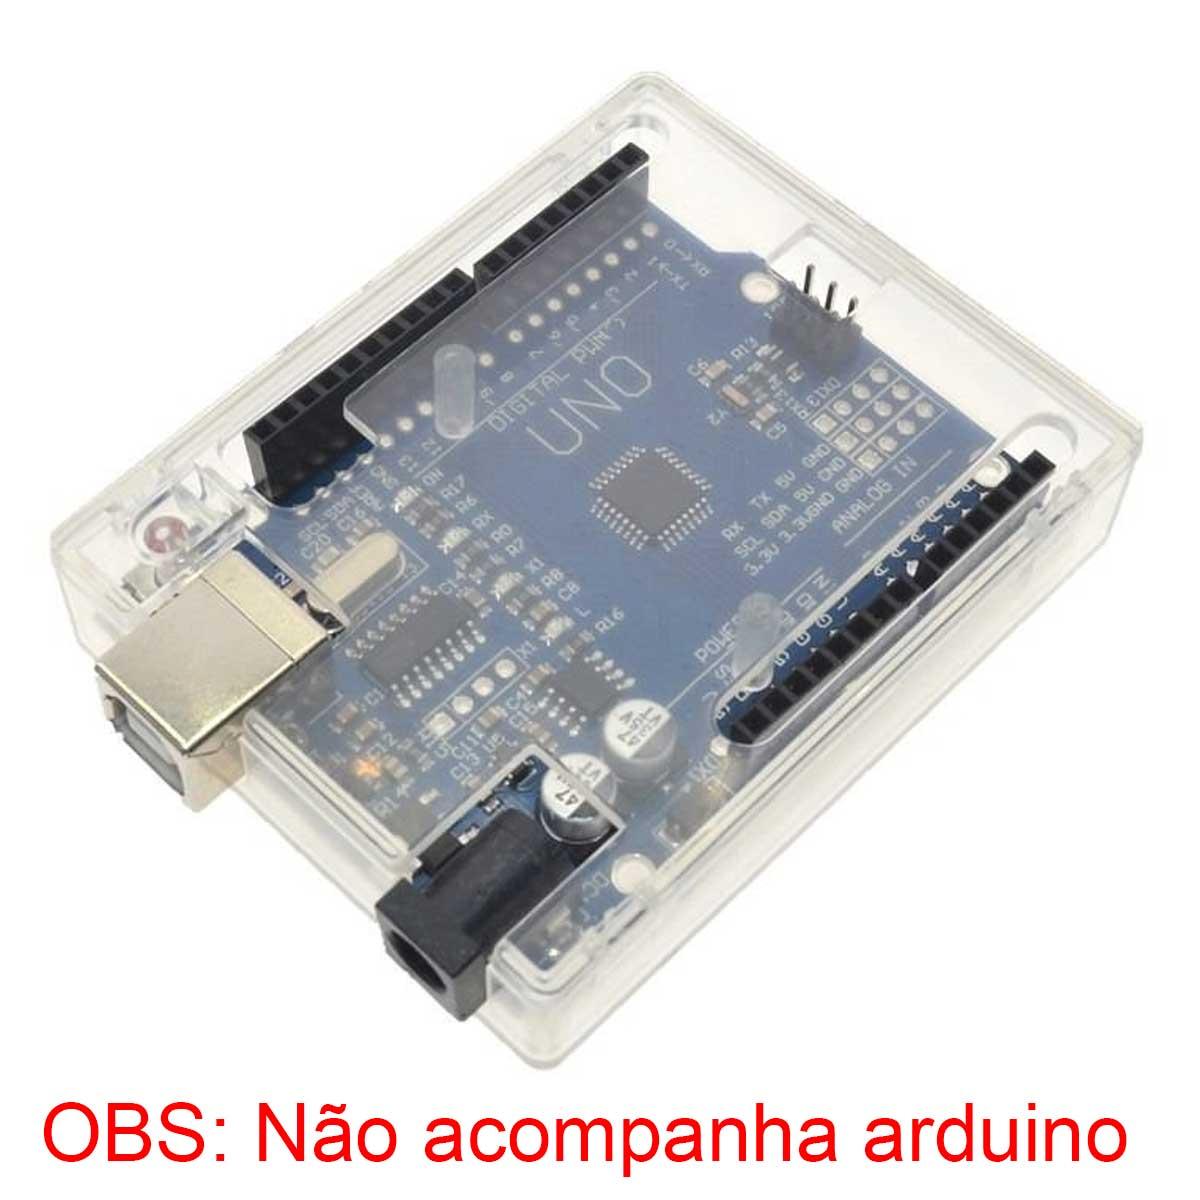 Case para Arduino Uno em Plástico ABS Transparente